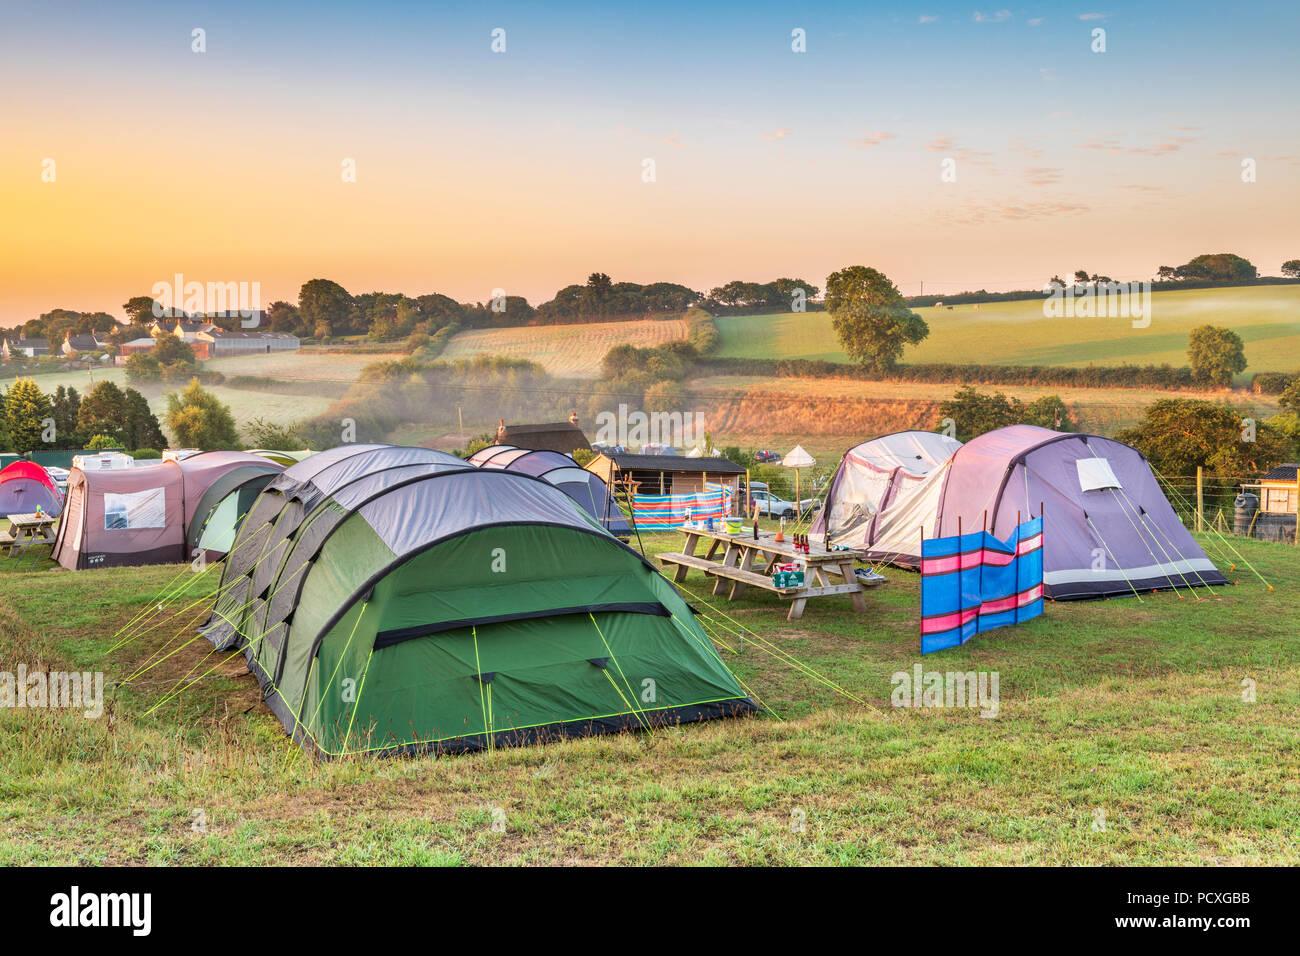 Devon, UK. 5. August 2018. Nach einem milden kühle Nacht, am frühen Morgen Nebel löscht, wie die Sonne über dem malerischen kleinen Campingplatz der breiten Park in der Nähe von Bideford in North Devon steigt. Credit: Terry Mathews/Alamy leben Nachrichten Stockbild